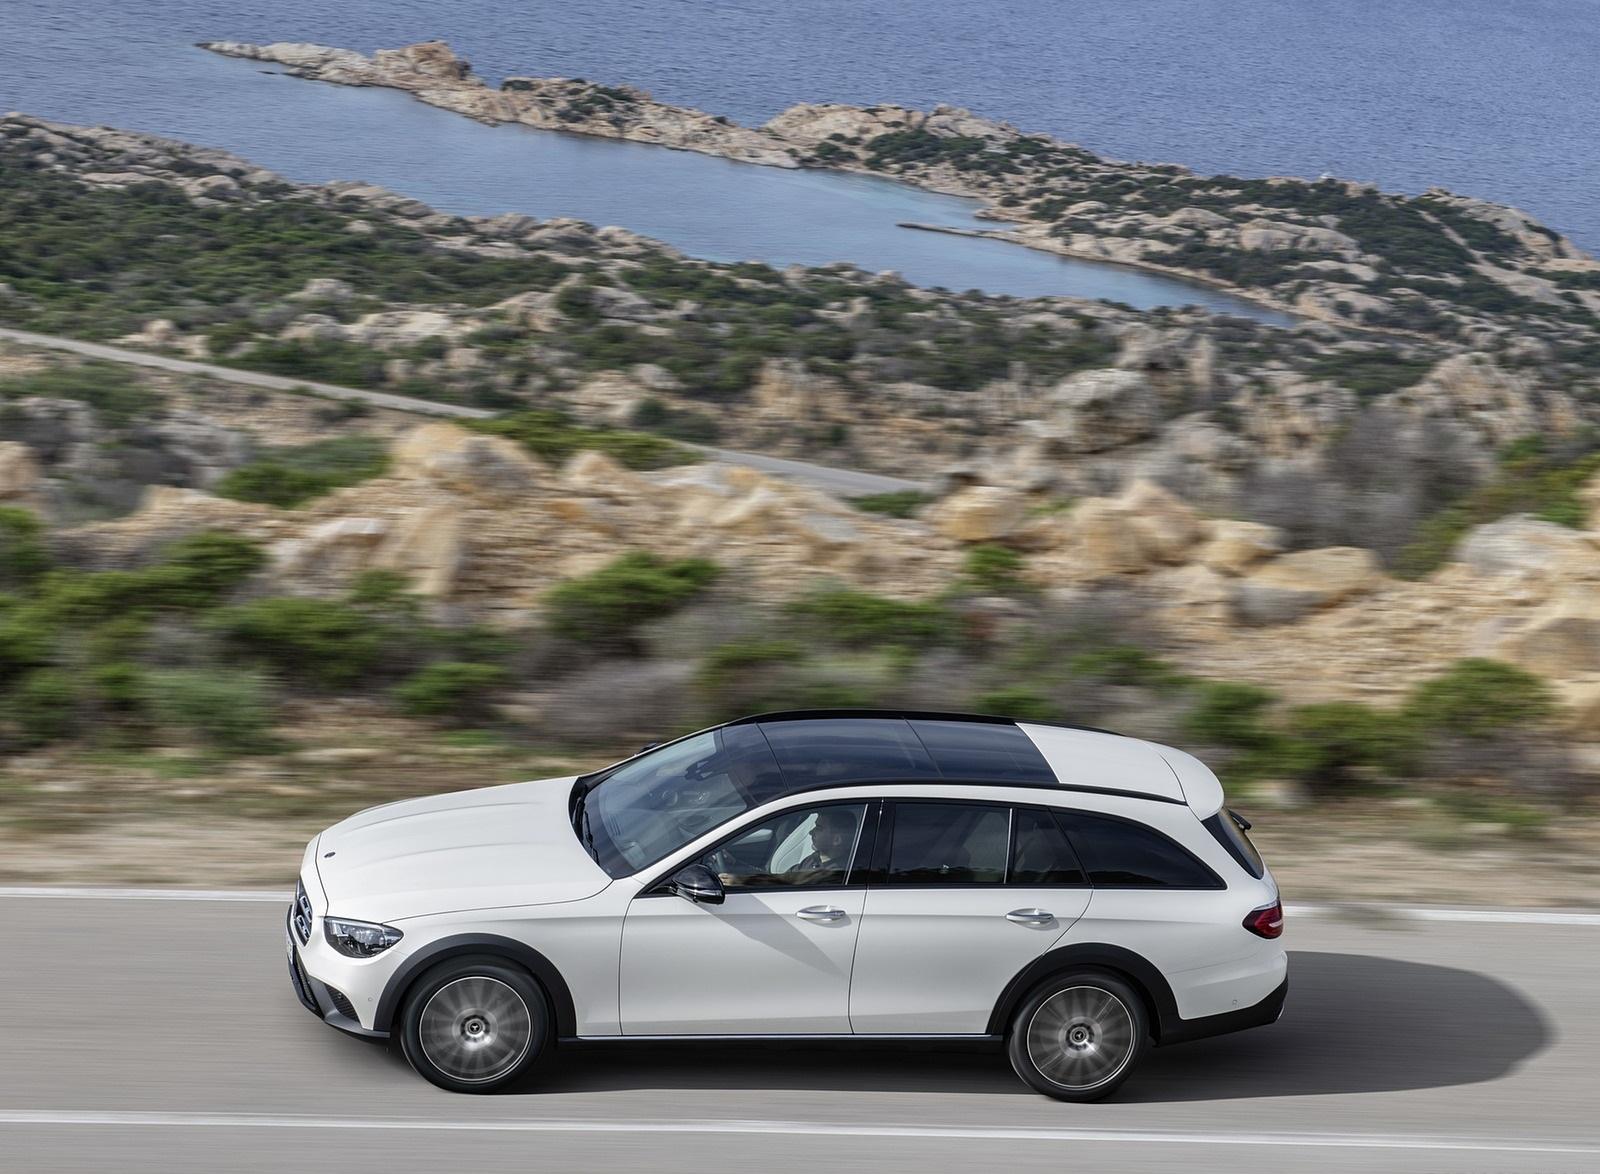 2021 Mercedes-Benz E-Class All-Terrain Line Avantgarde (Color: Designo Diamond White Bright) Side Wallpapers (10)